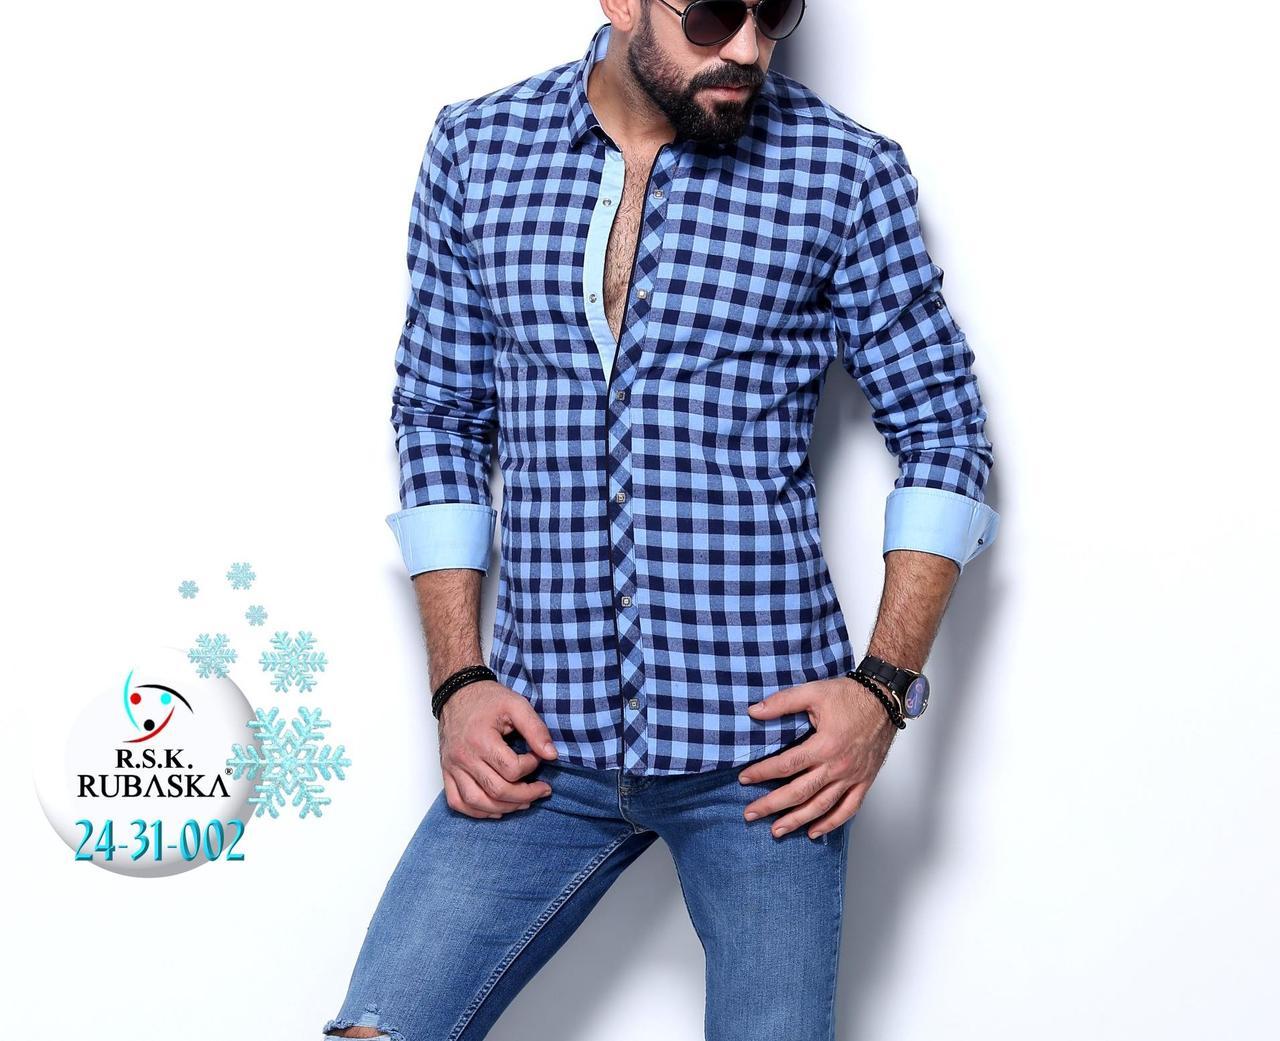 Мужская рубашка на байке в клетку хит сезона  продажа 28c8e7b870f58